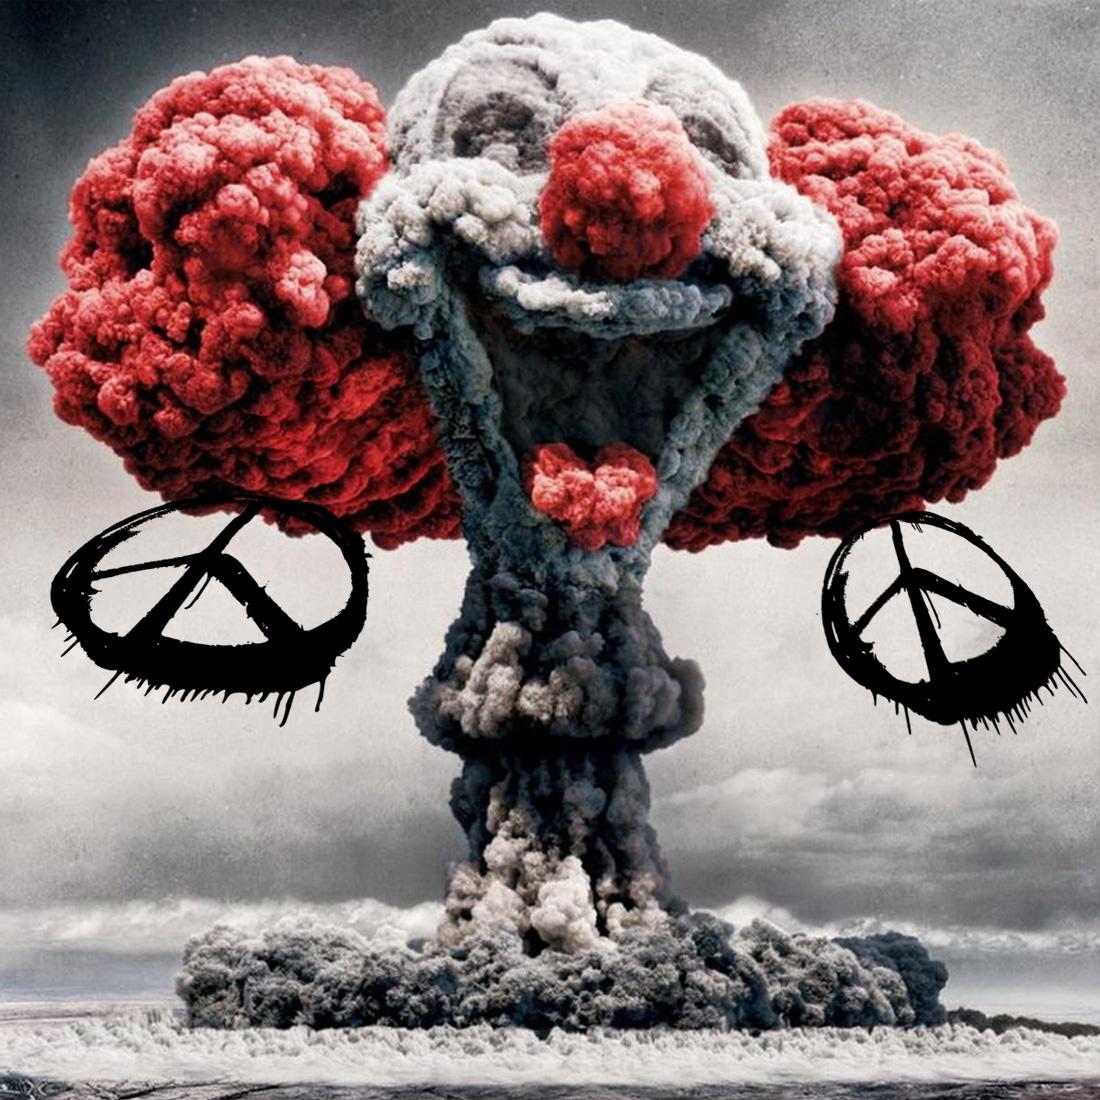 mir - peace